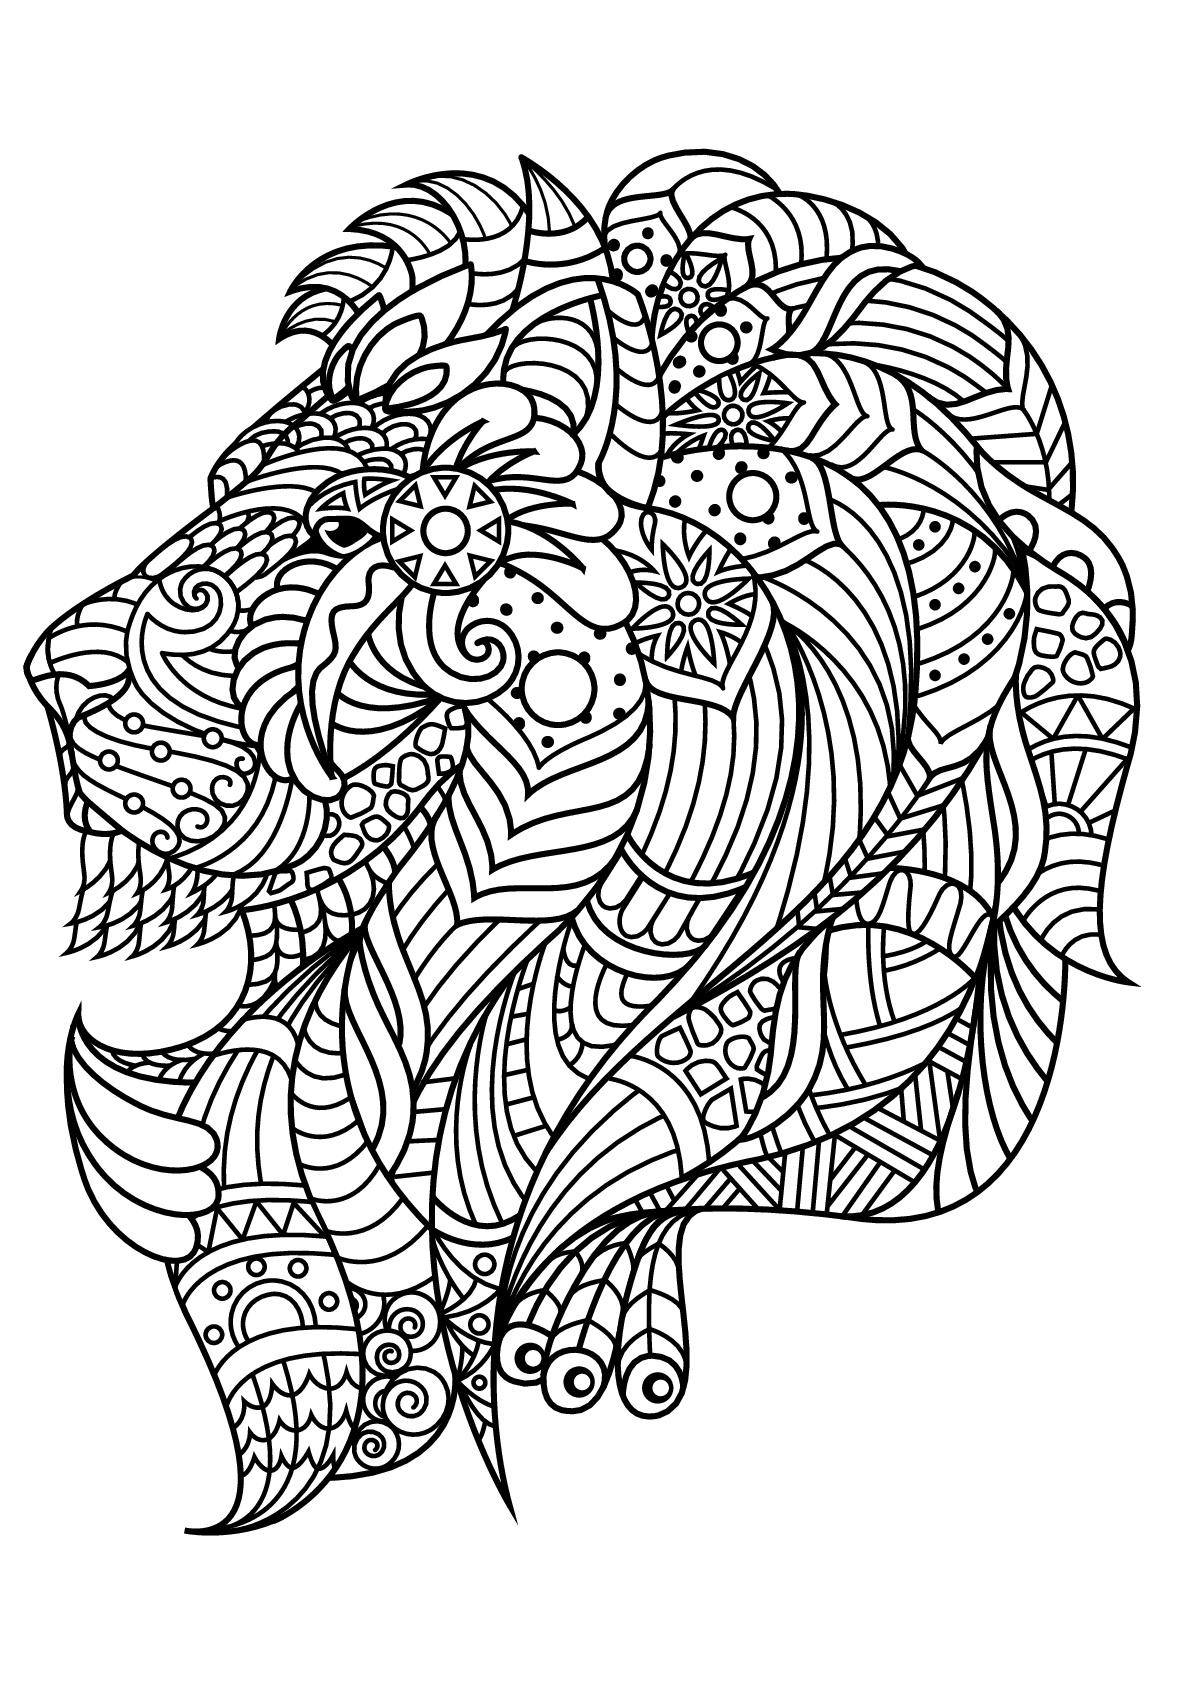 Livre gratuit lion lions coloriages difficiles pour for Animal coloring pages pdf